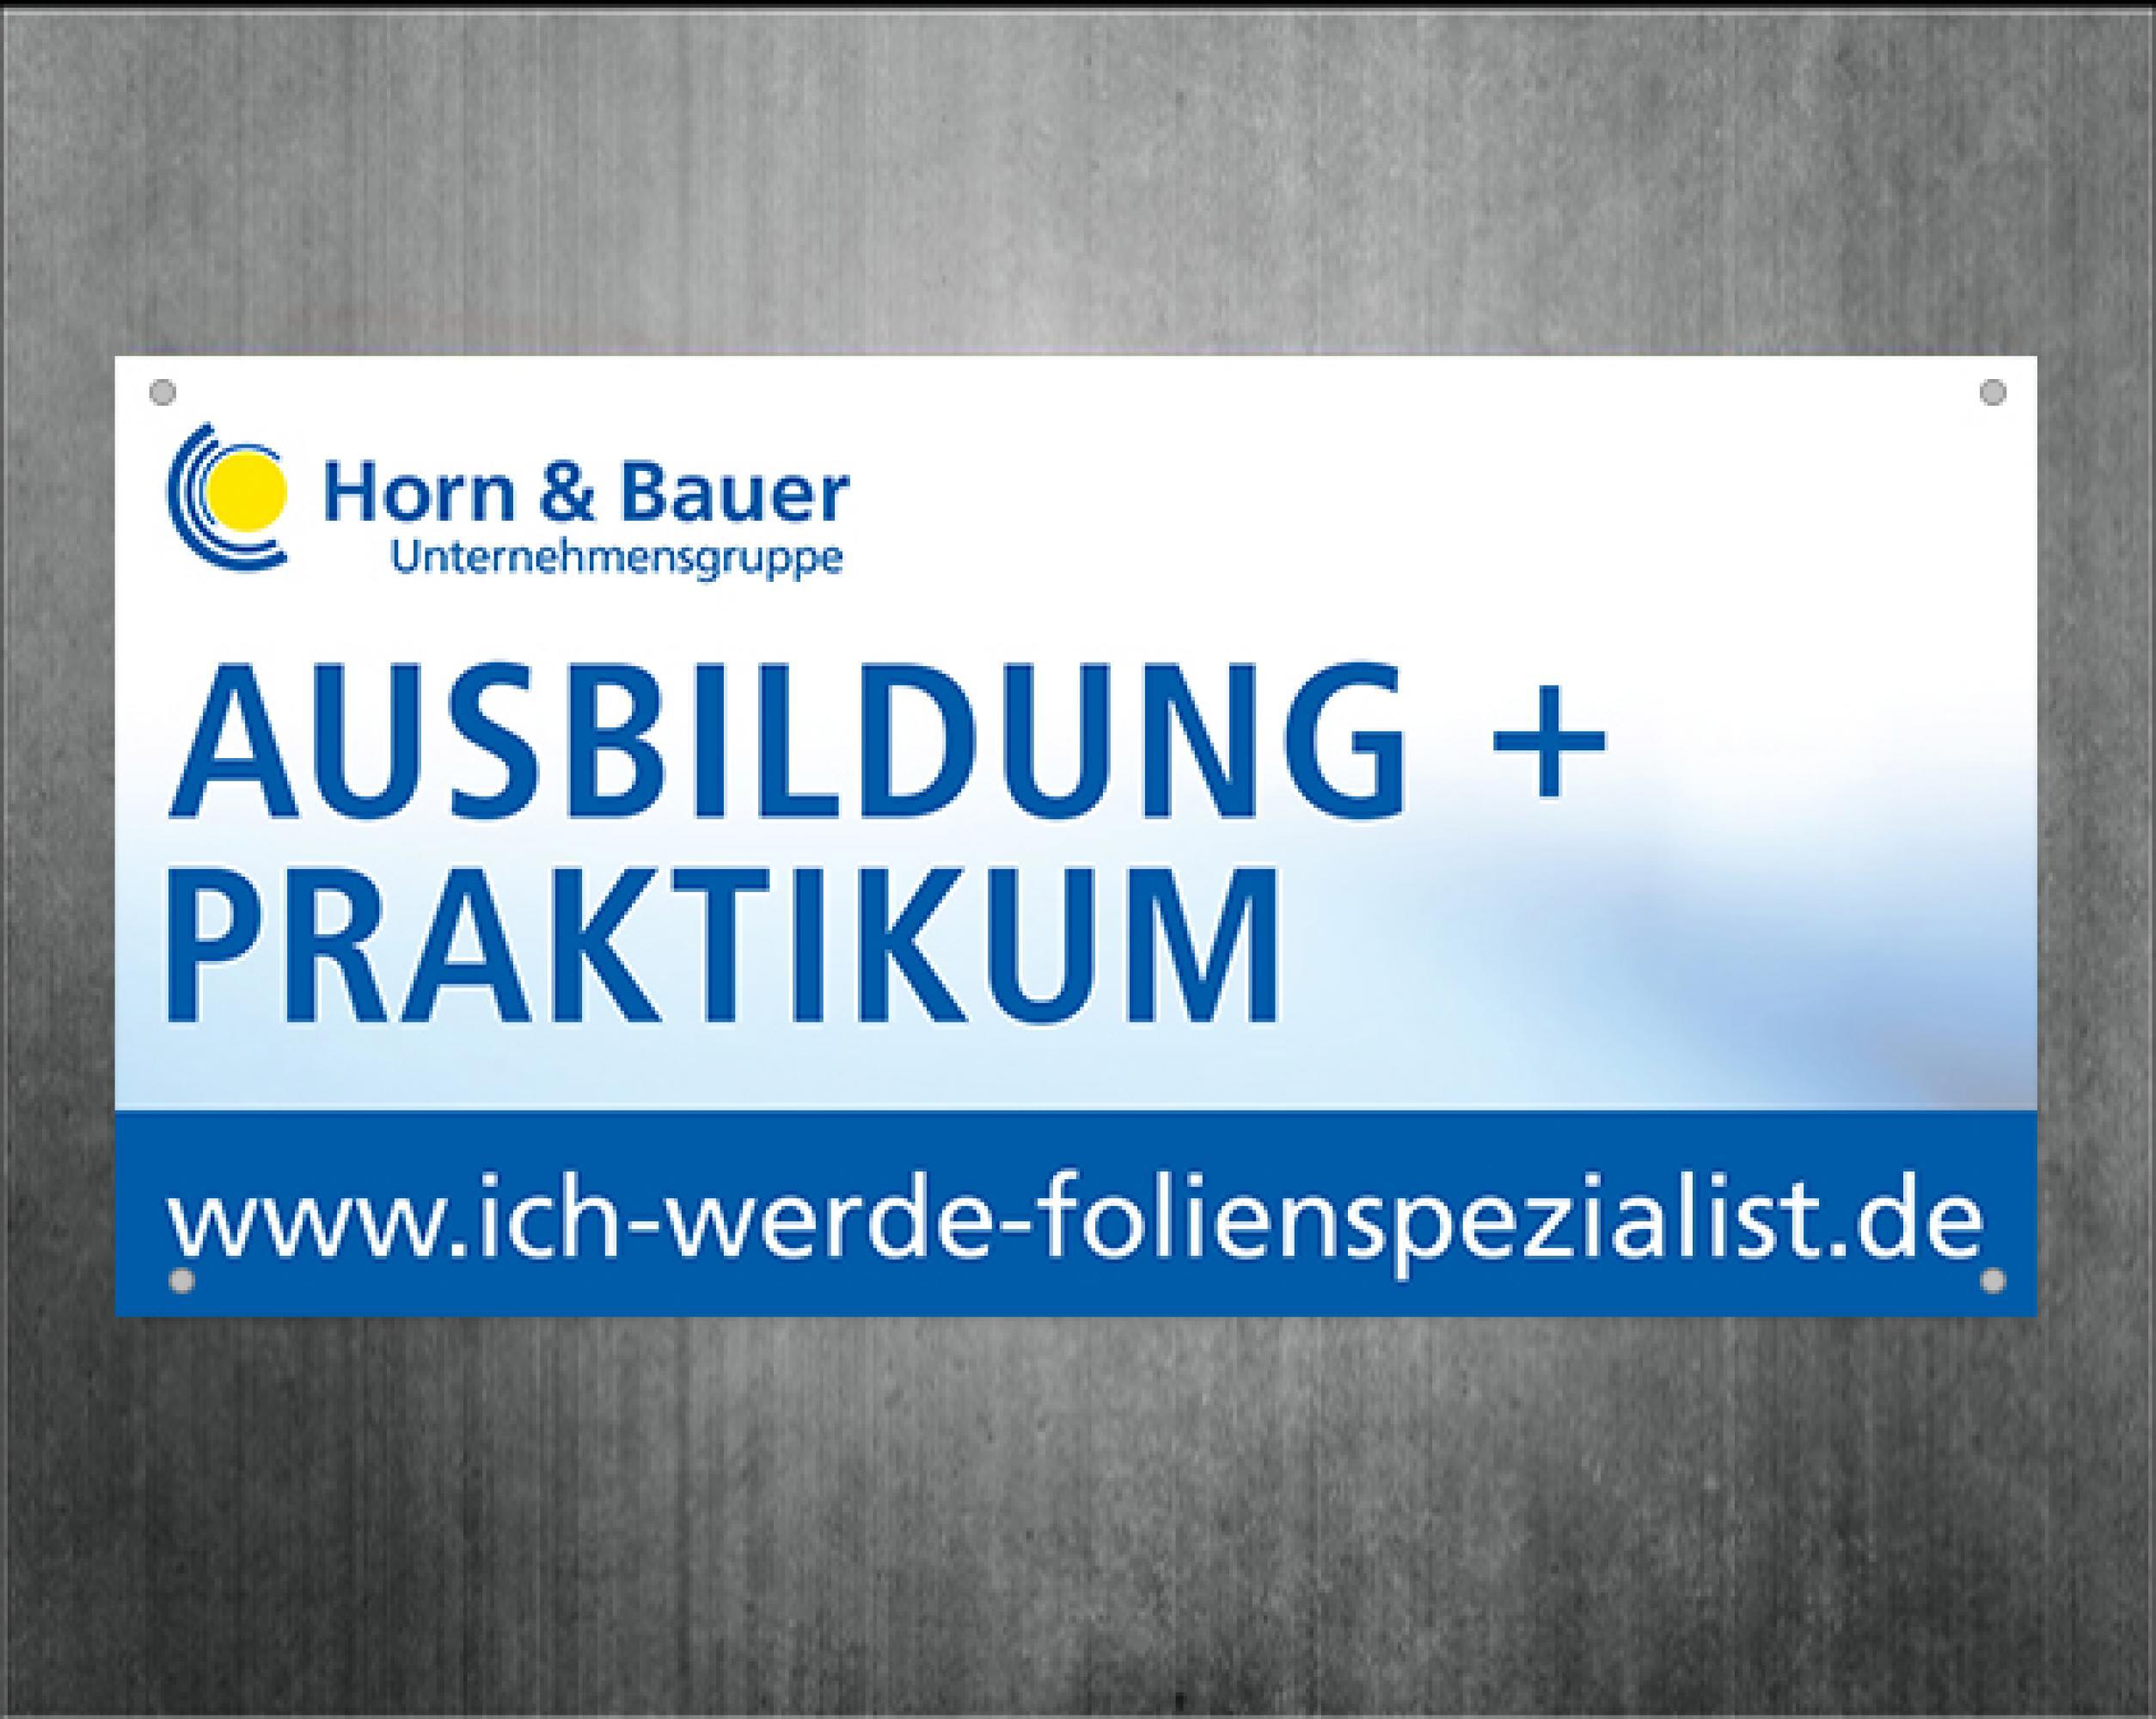 Webdesign-Printdesign-Ausbildungssuche-CorporateDesign-Horn-Bauer-Banner